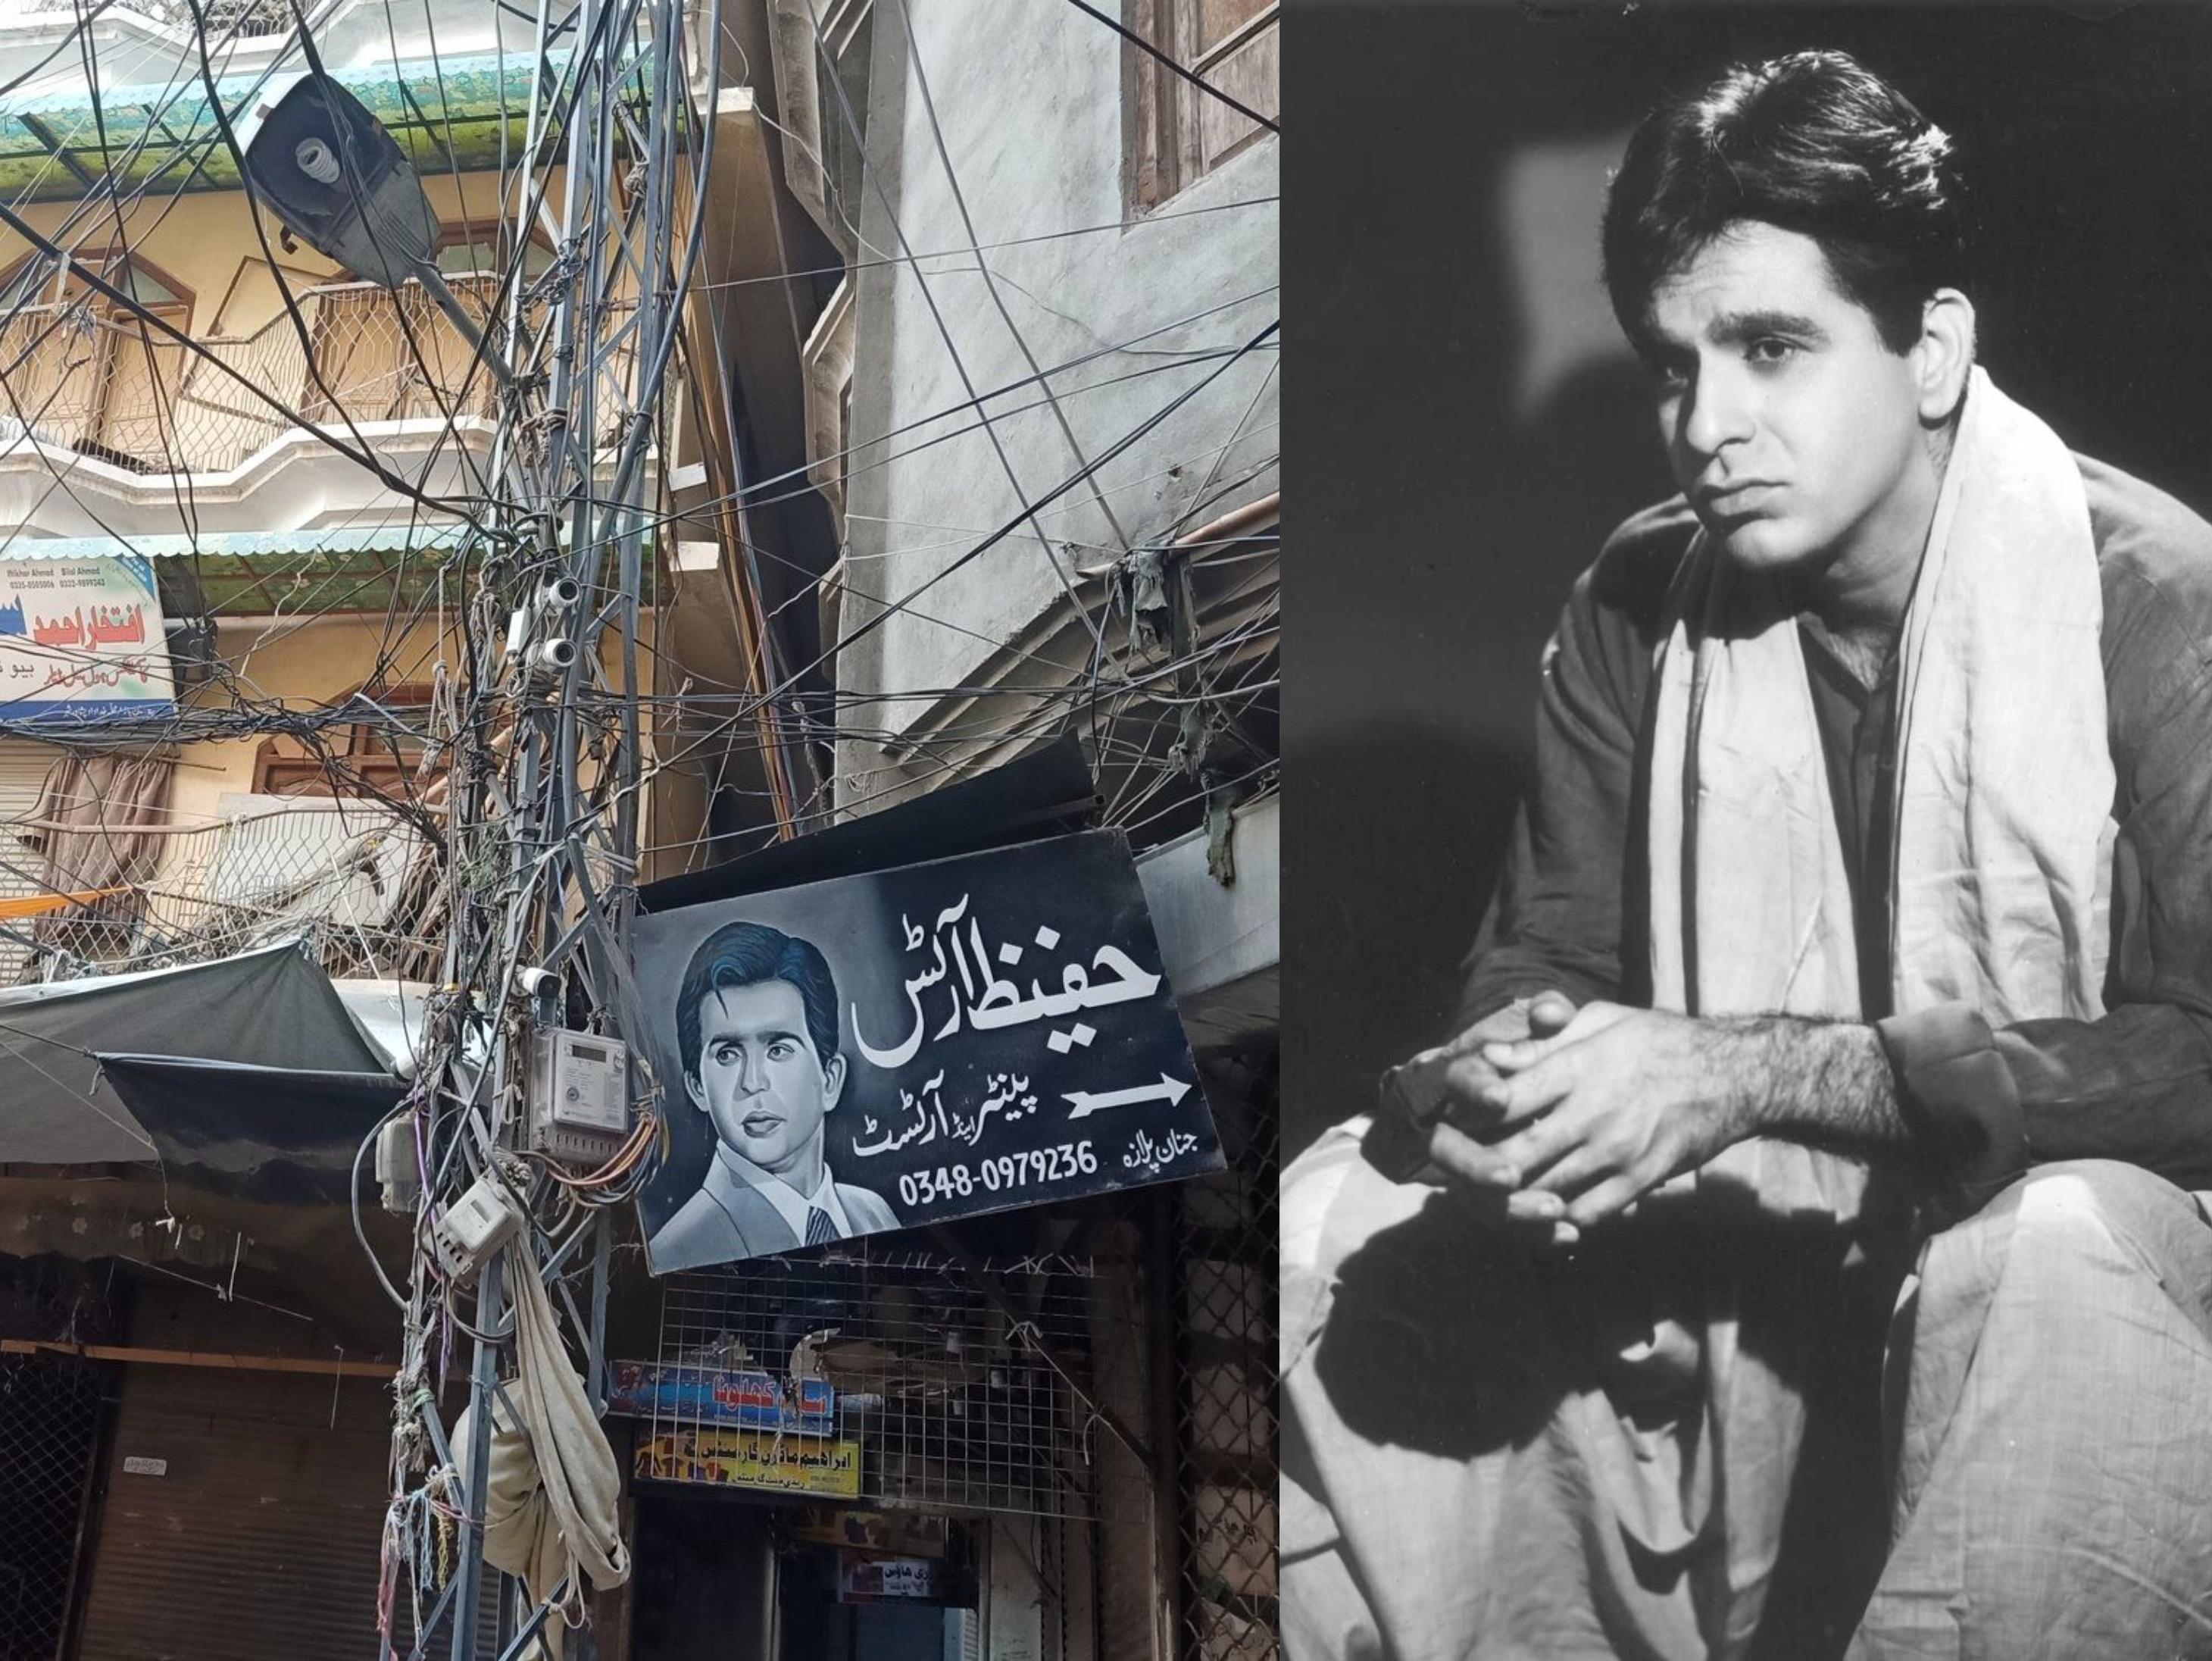 पुश्तैनी हवेली को म्यूजियम बनते देखना चाहते थे दिलीप कुमार, पाकिस्तान सरकार और मौजूदा मालिकों के बीच उलझा रह गया मामला|बॉलीवुड,Entertainment - Dainik Bhaskar